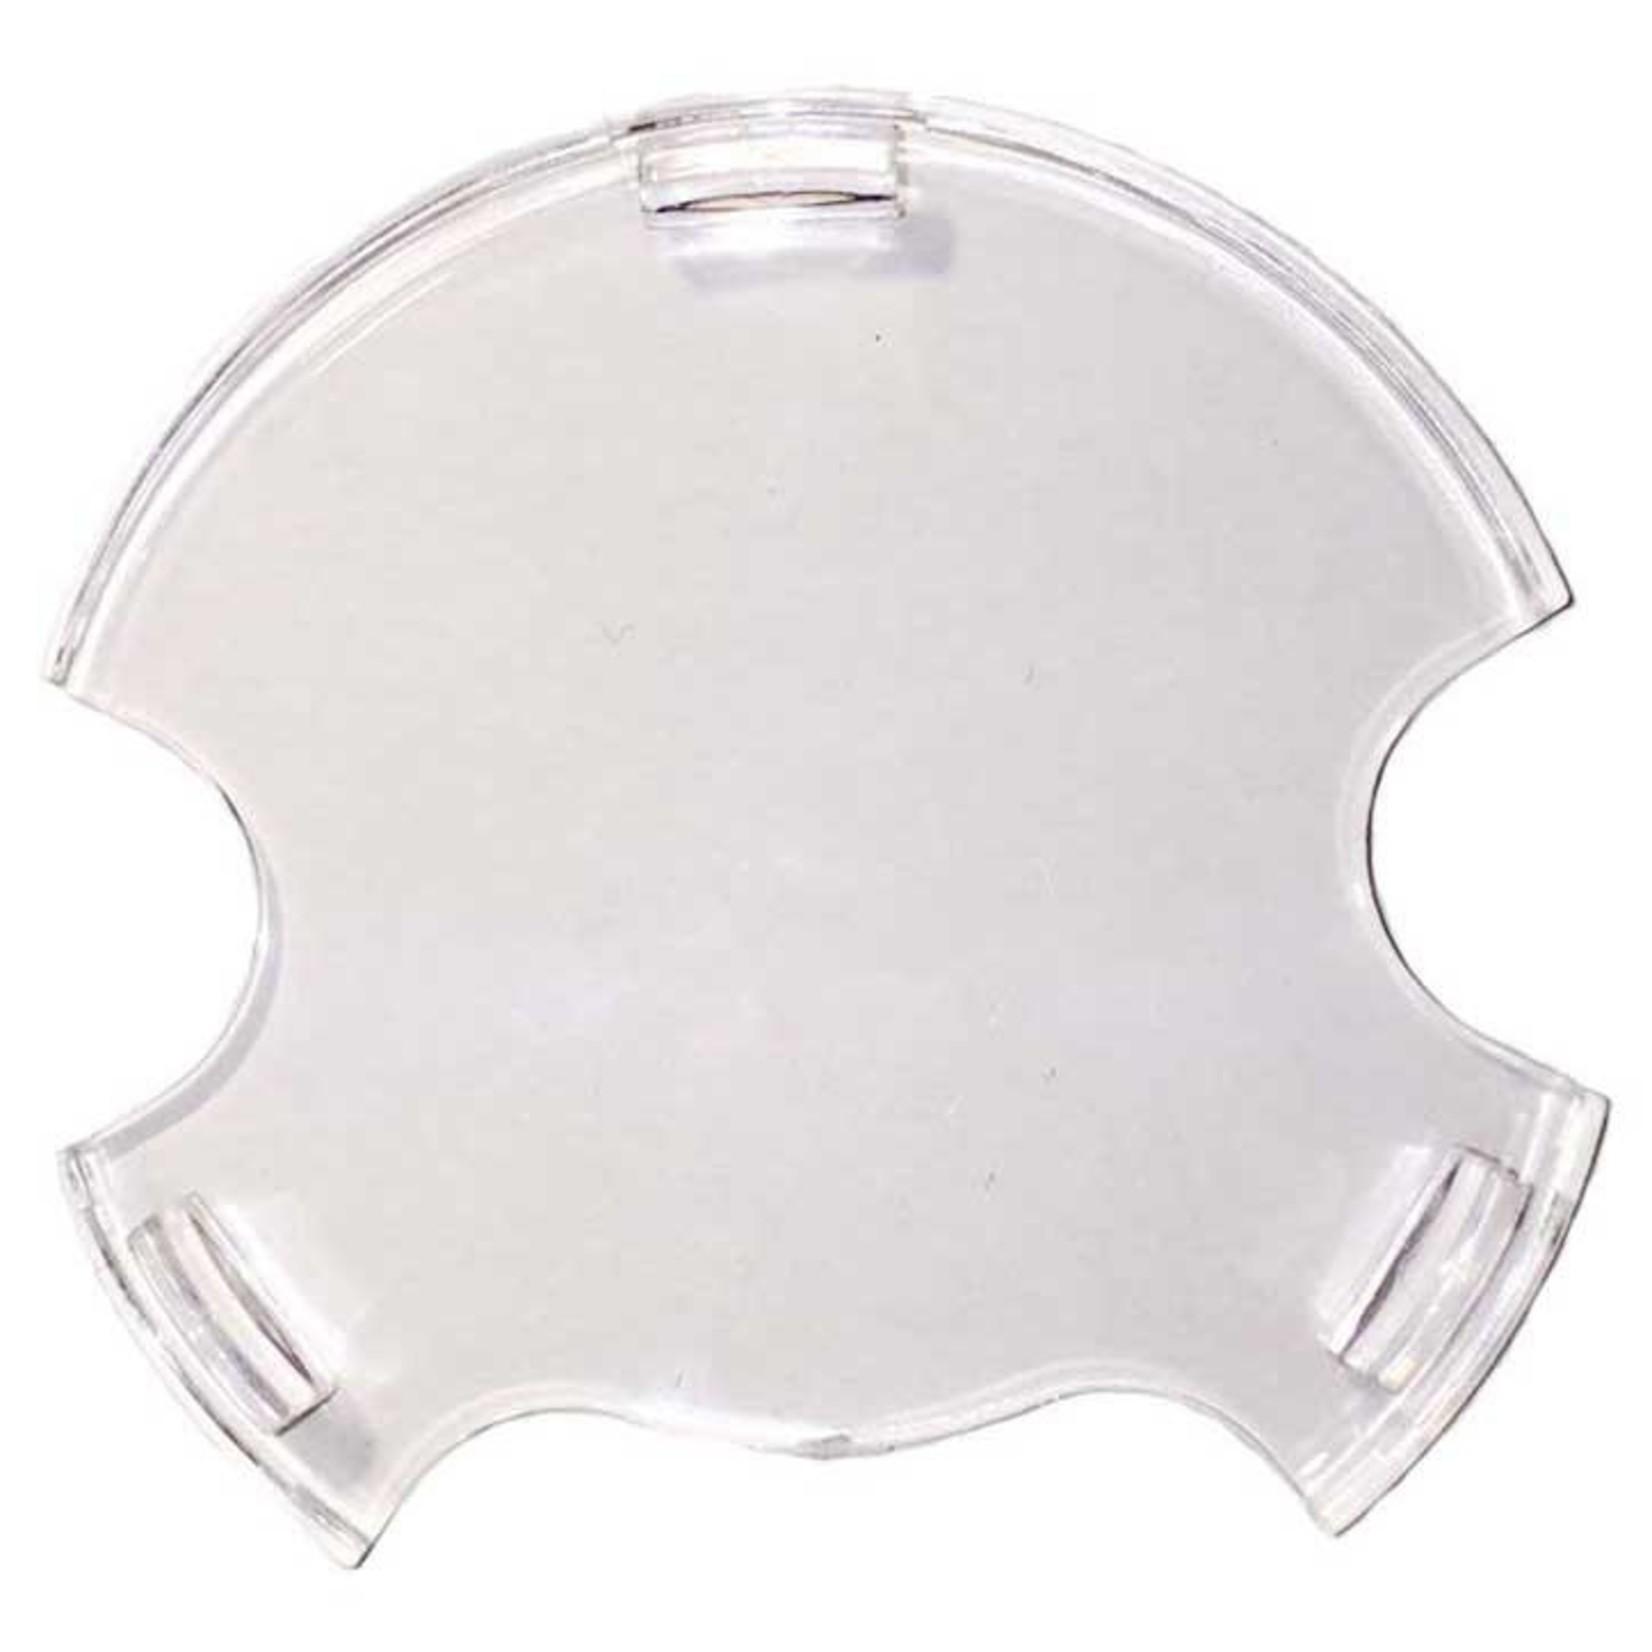 Suunto Display Shield Guard Zoop Novo/Vyper Novo